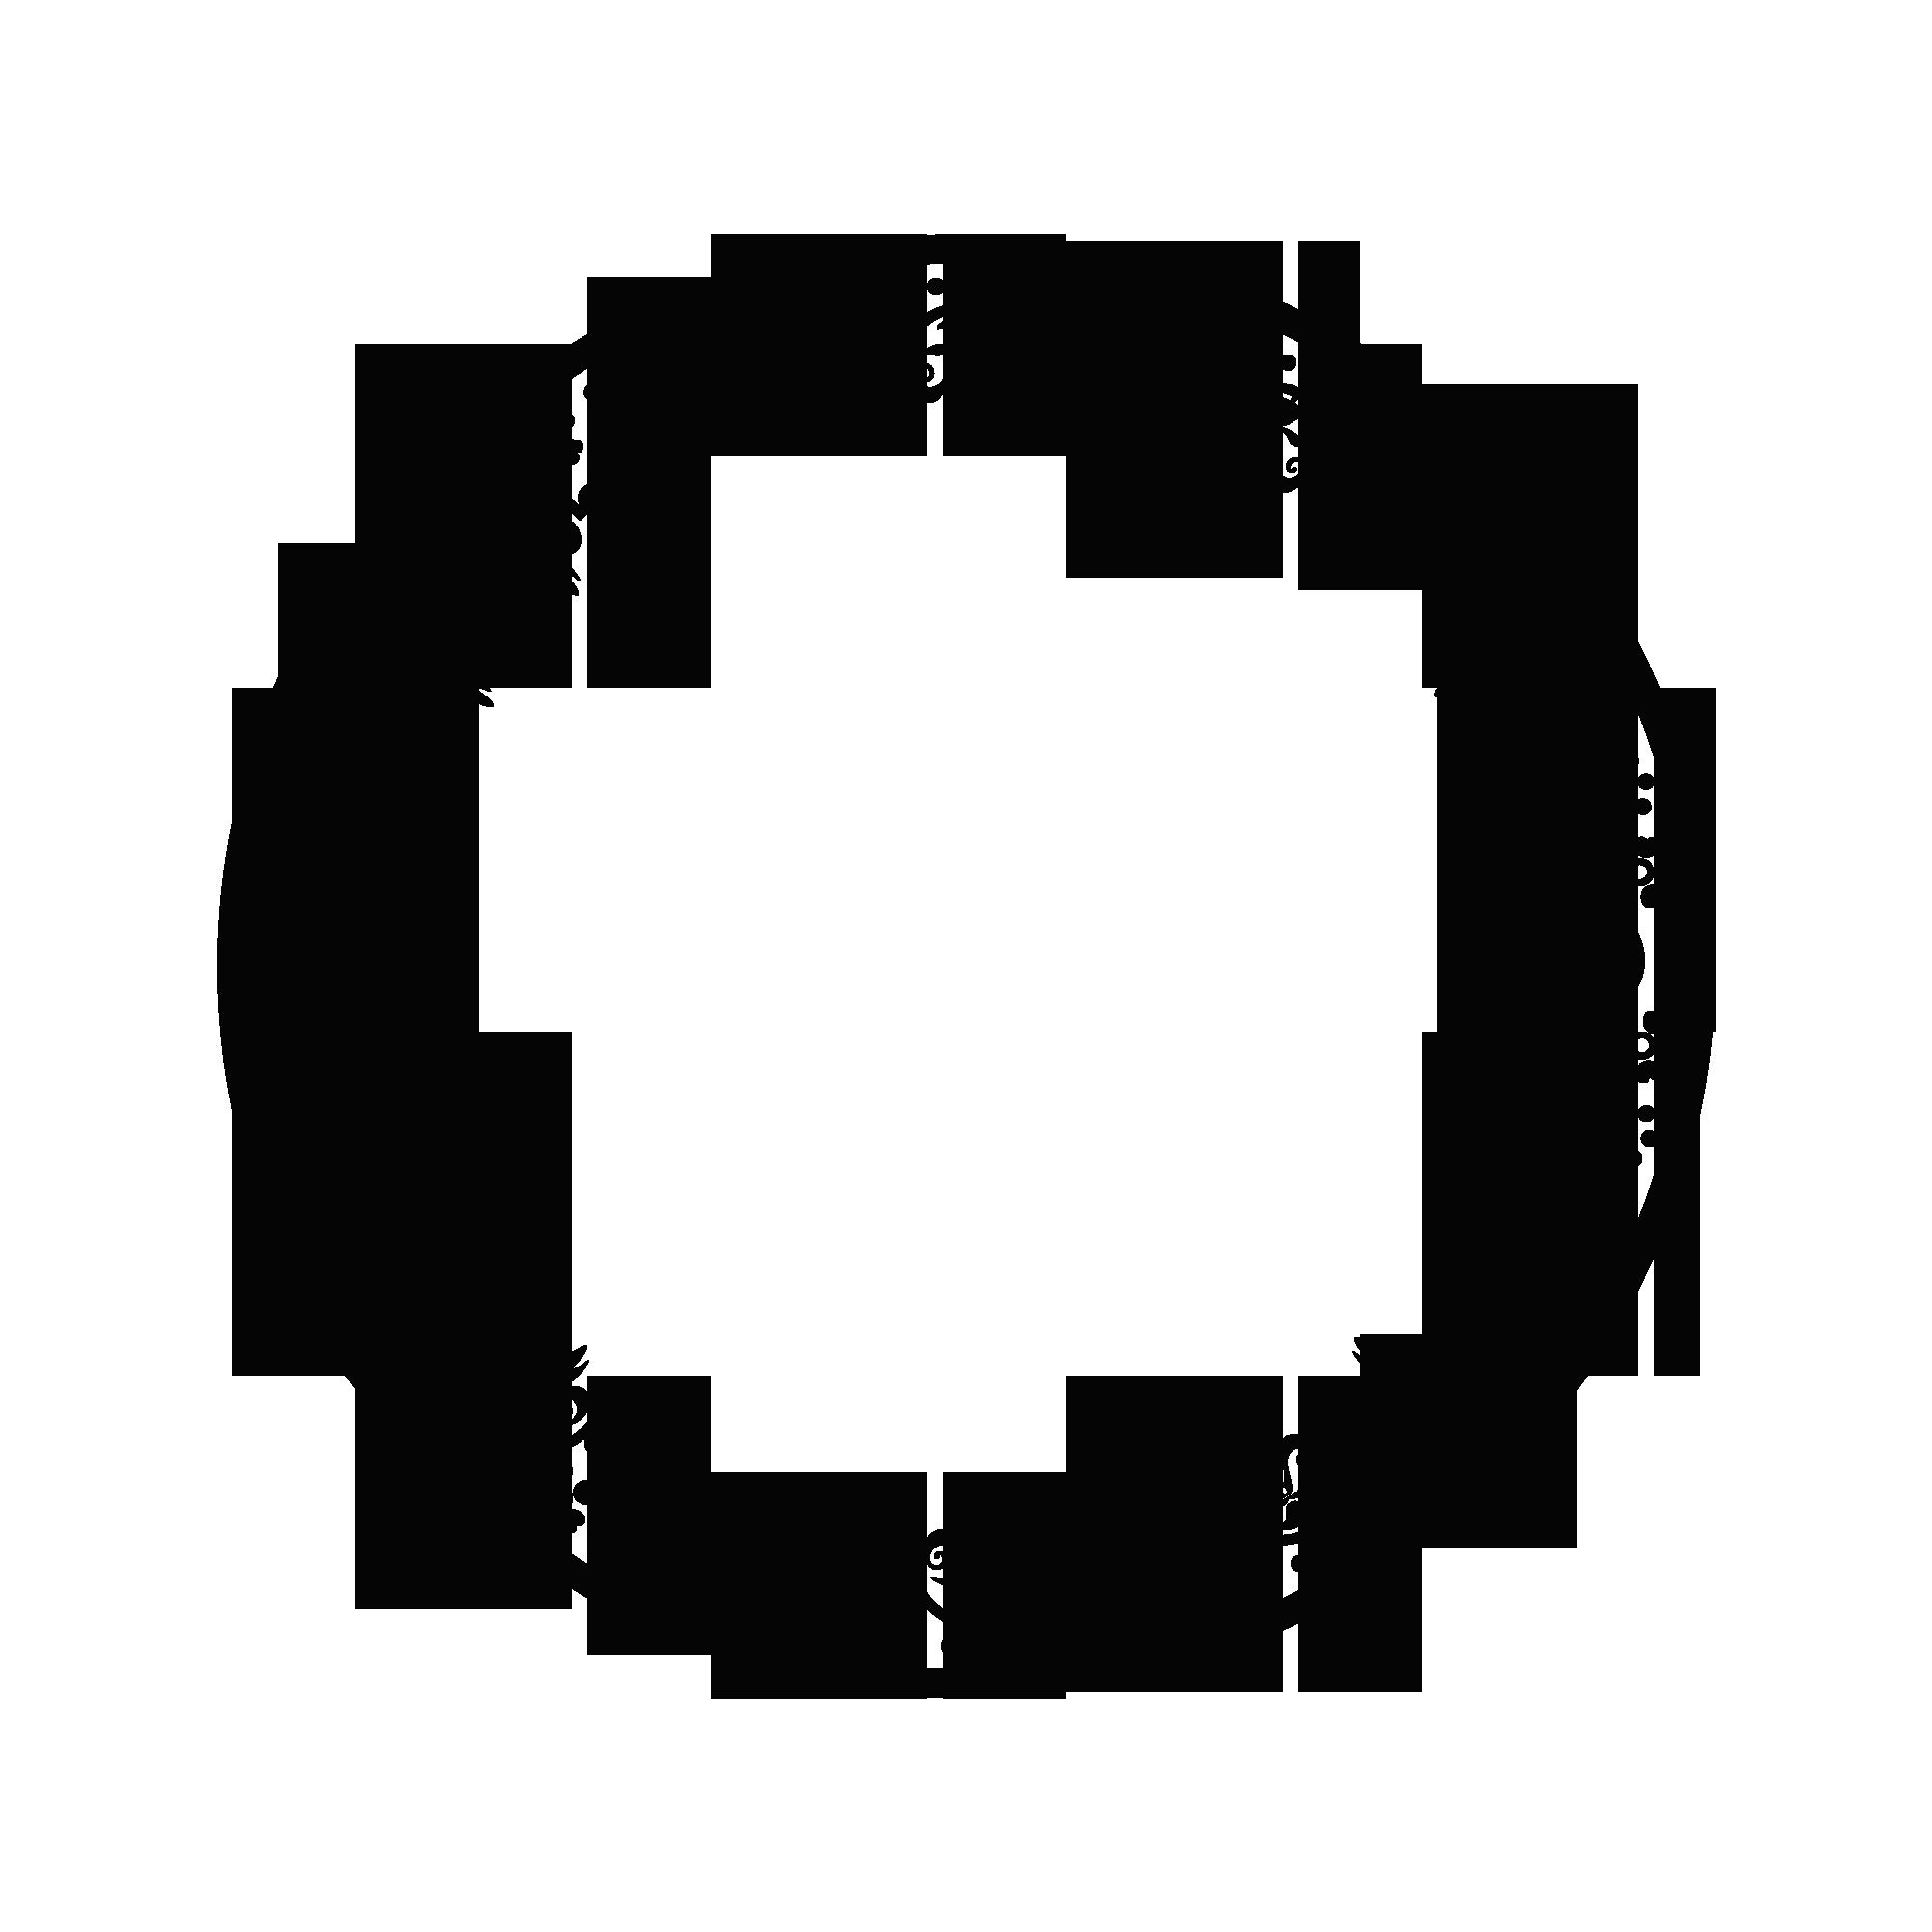 ماسكات للفوتوشوب أقنعه للتصميم دانتيل اطارات أشكال للفوتوشوب والتصميم In 2021 Frame Decor Framed Words Frame